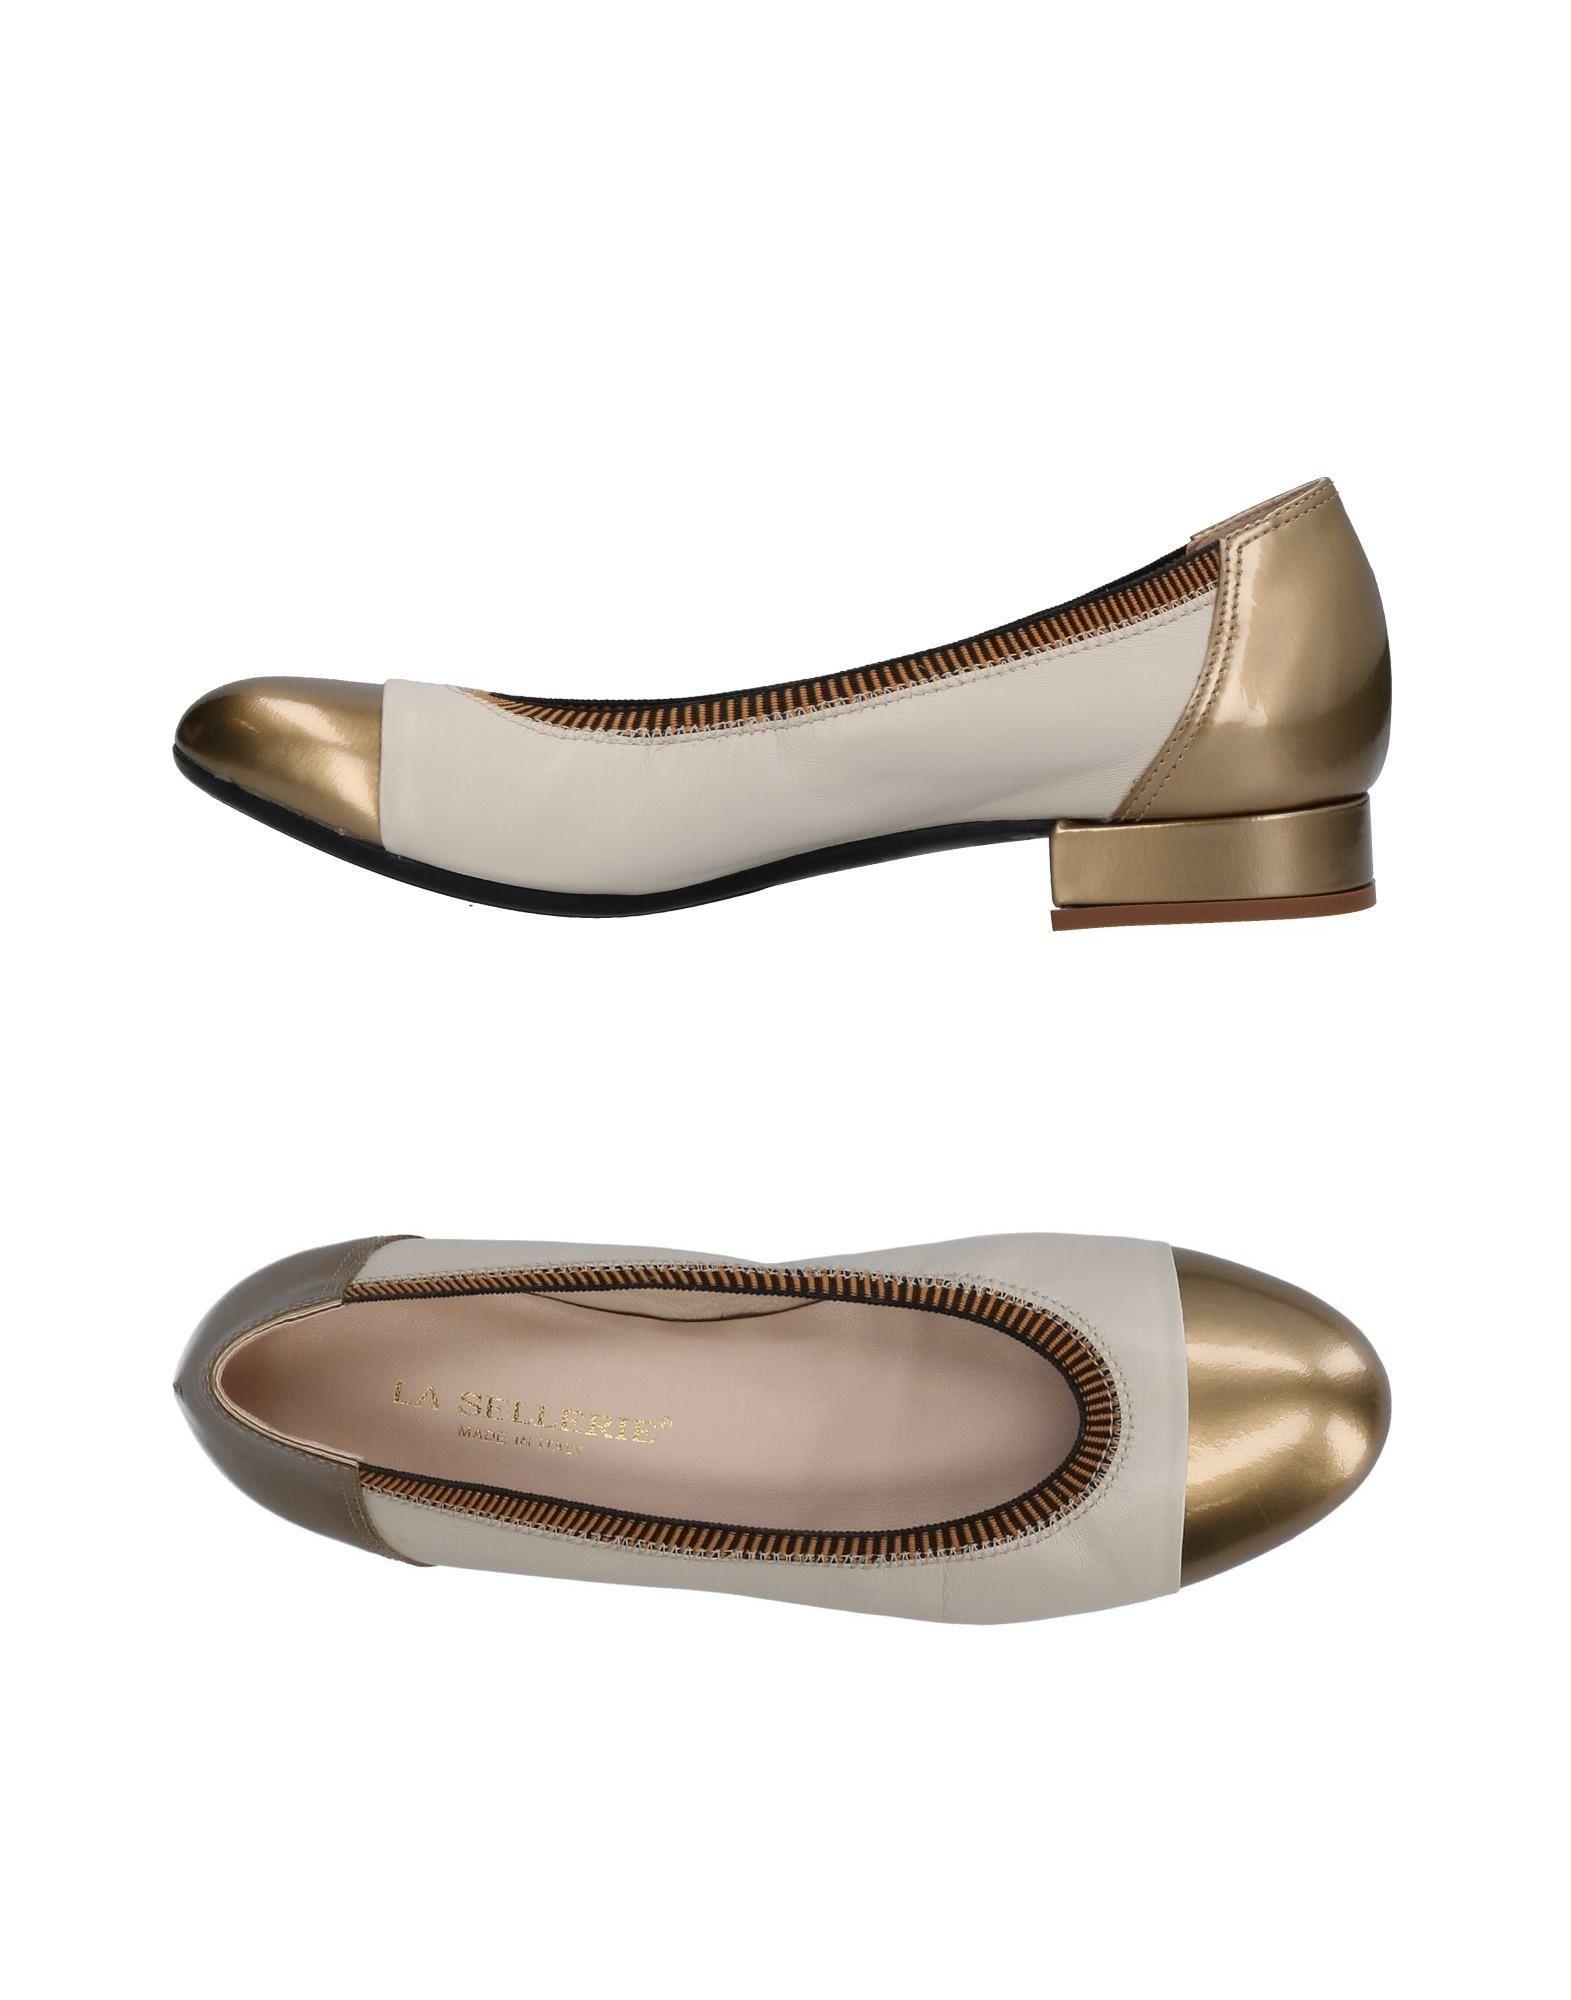 La Sellerie Ballerinas Damen  11456254JL Gute Qualität beliebte Schuhe